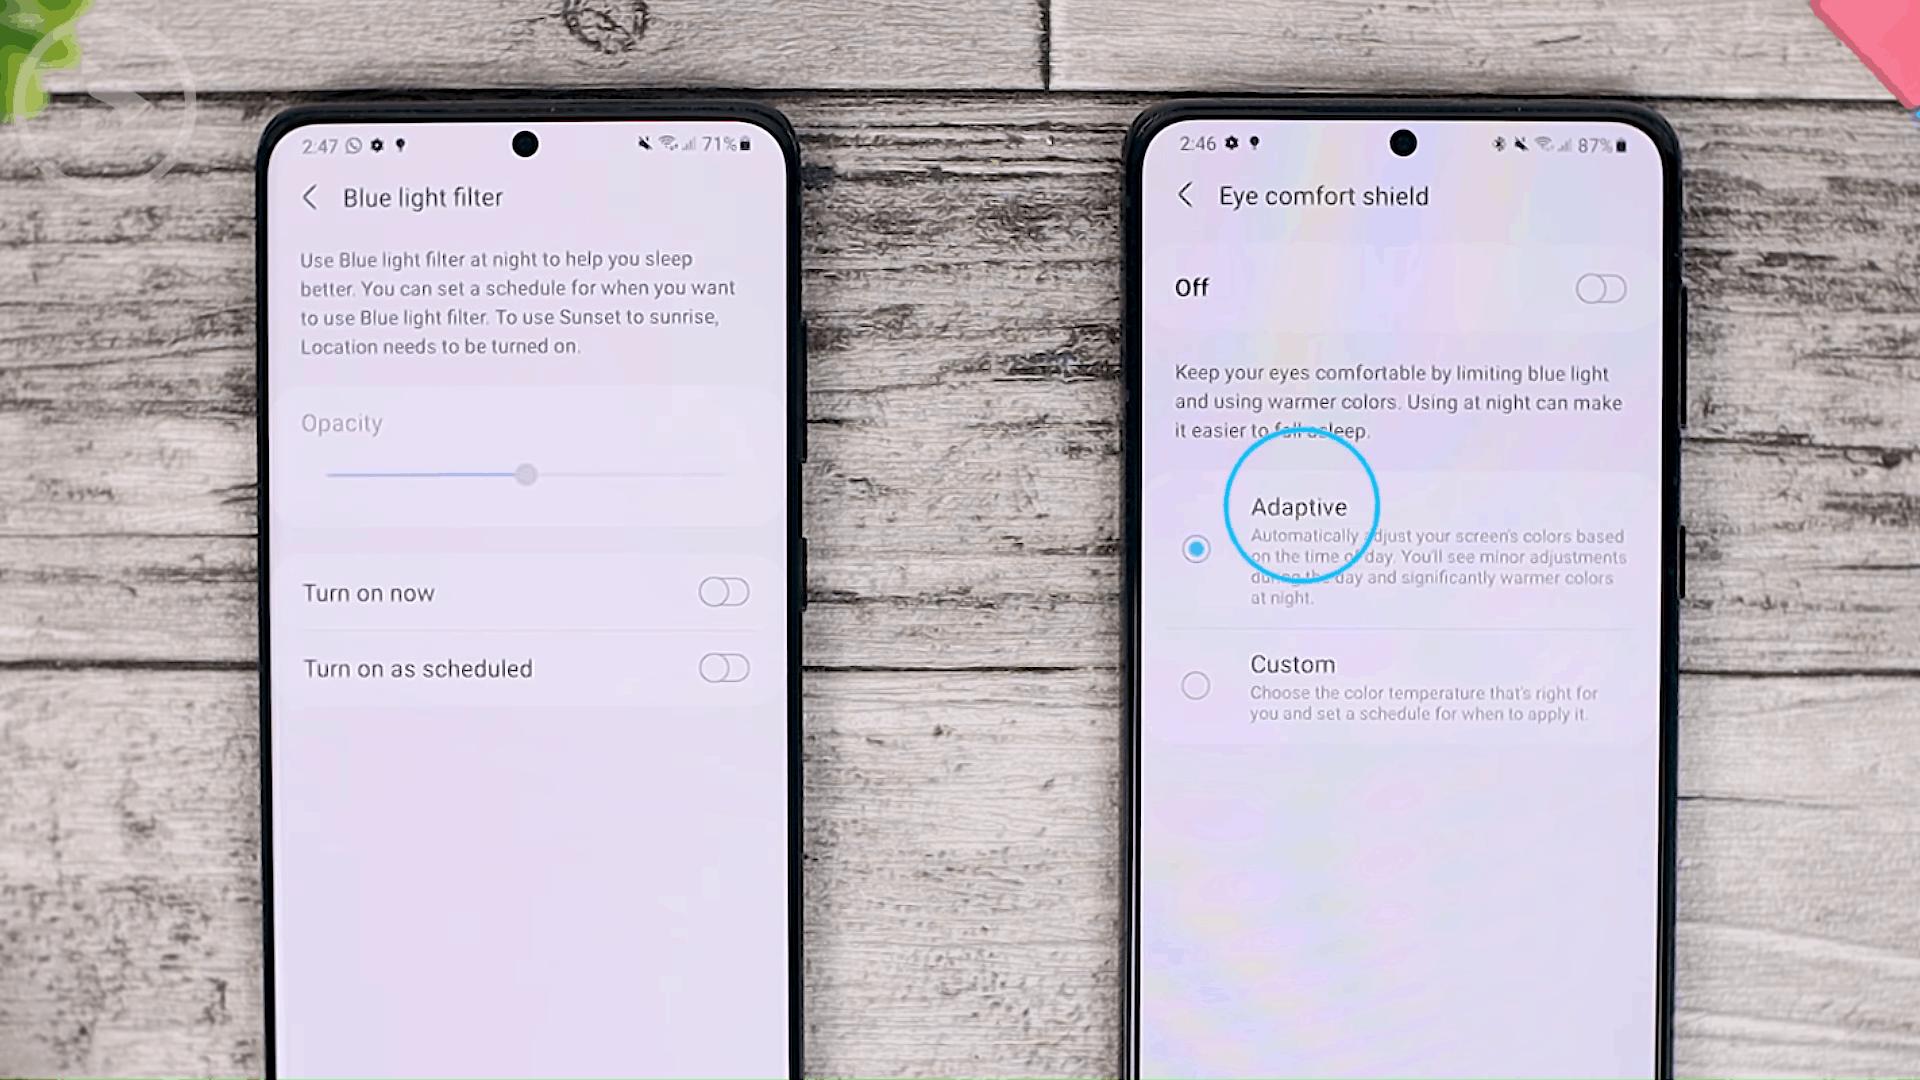 Blue Light Filter - Cek Fitur Terbaru One UI 3.1 di Samsung S21+ yang Belum Tersedia di One UI 3.0 Samsung S20+ (PART 1))